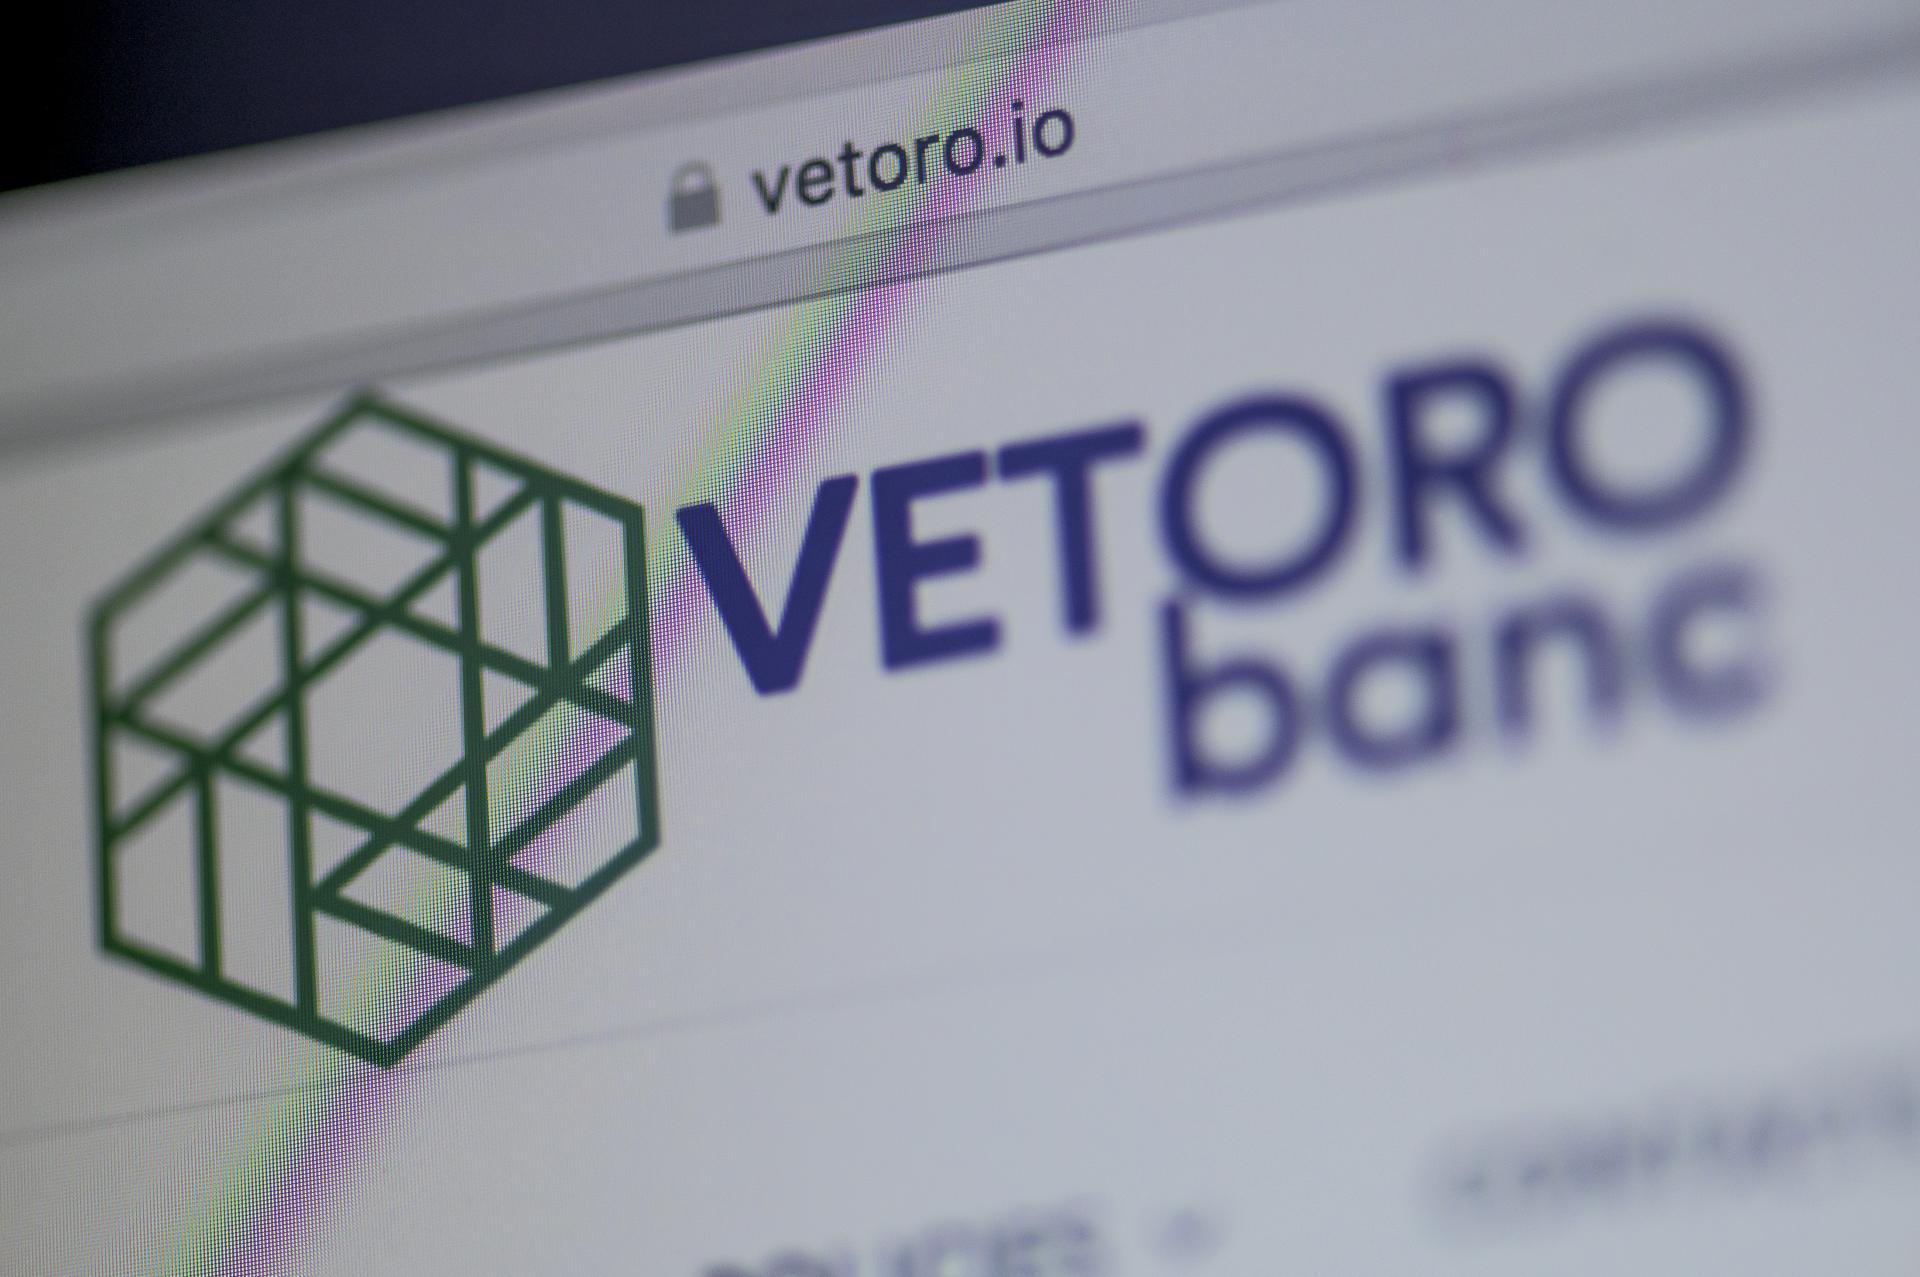 """VetoroBanc — В Milton Group разводили людей с помощью """"инвестиционных"""" платежей"""